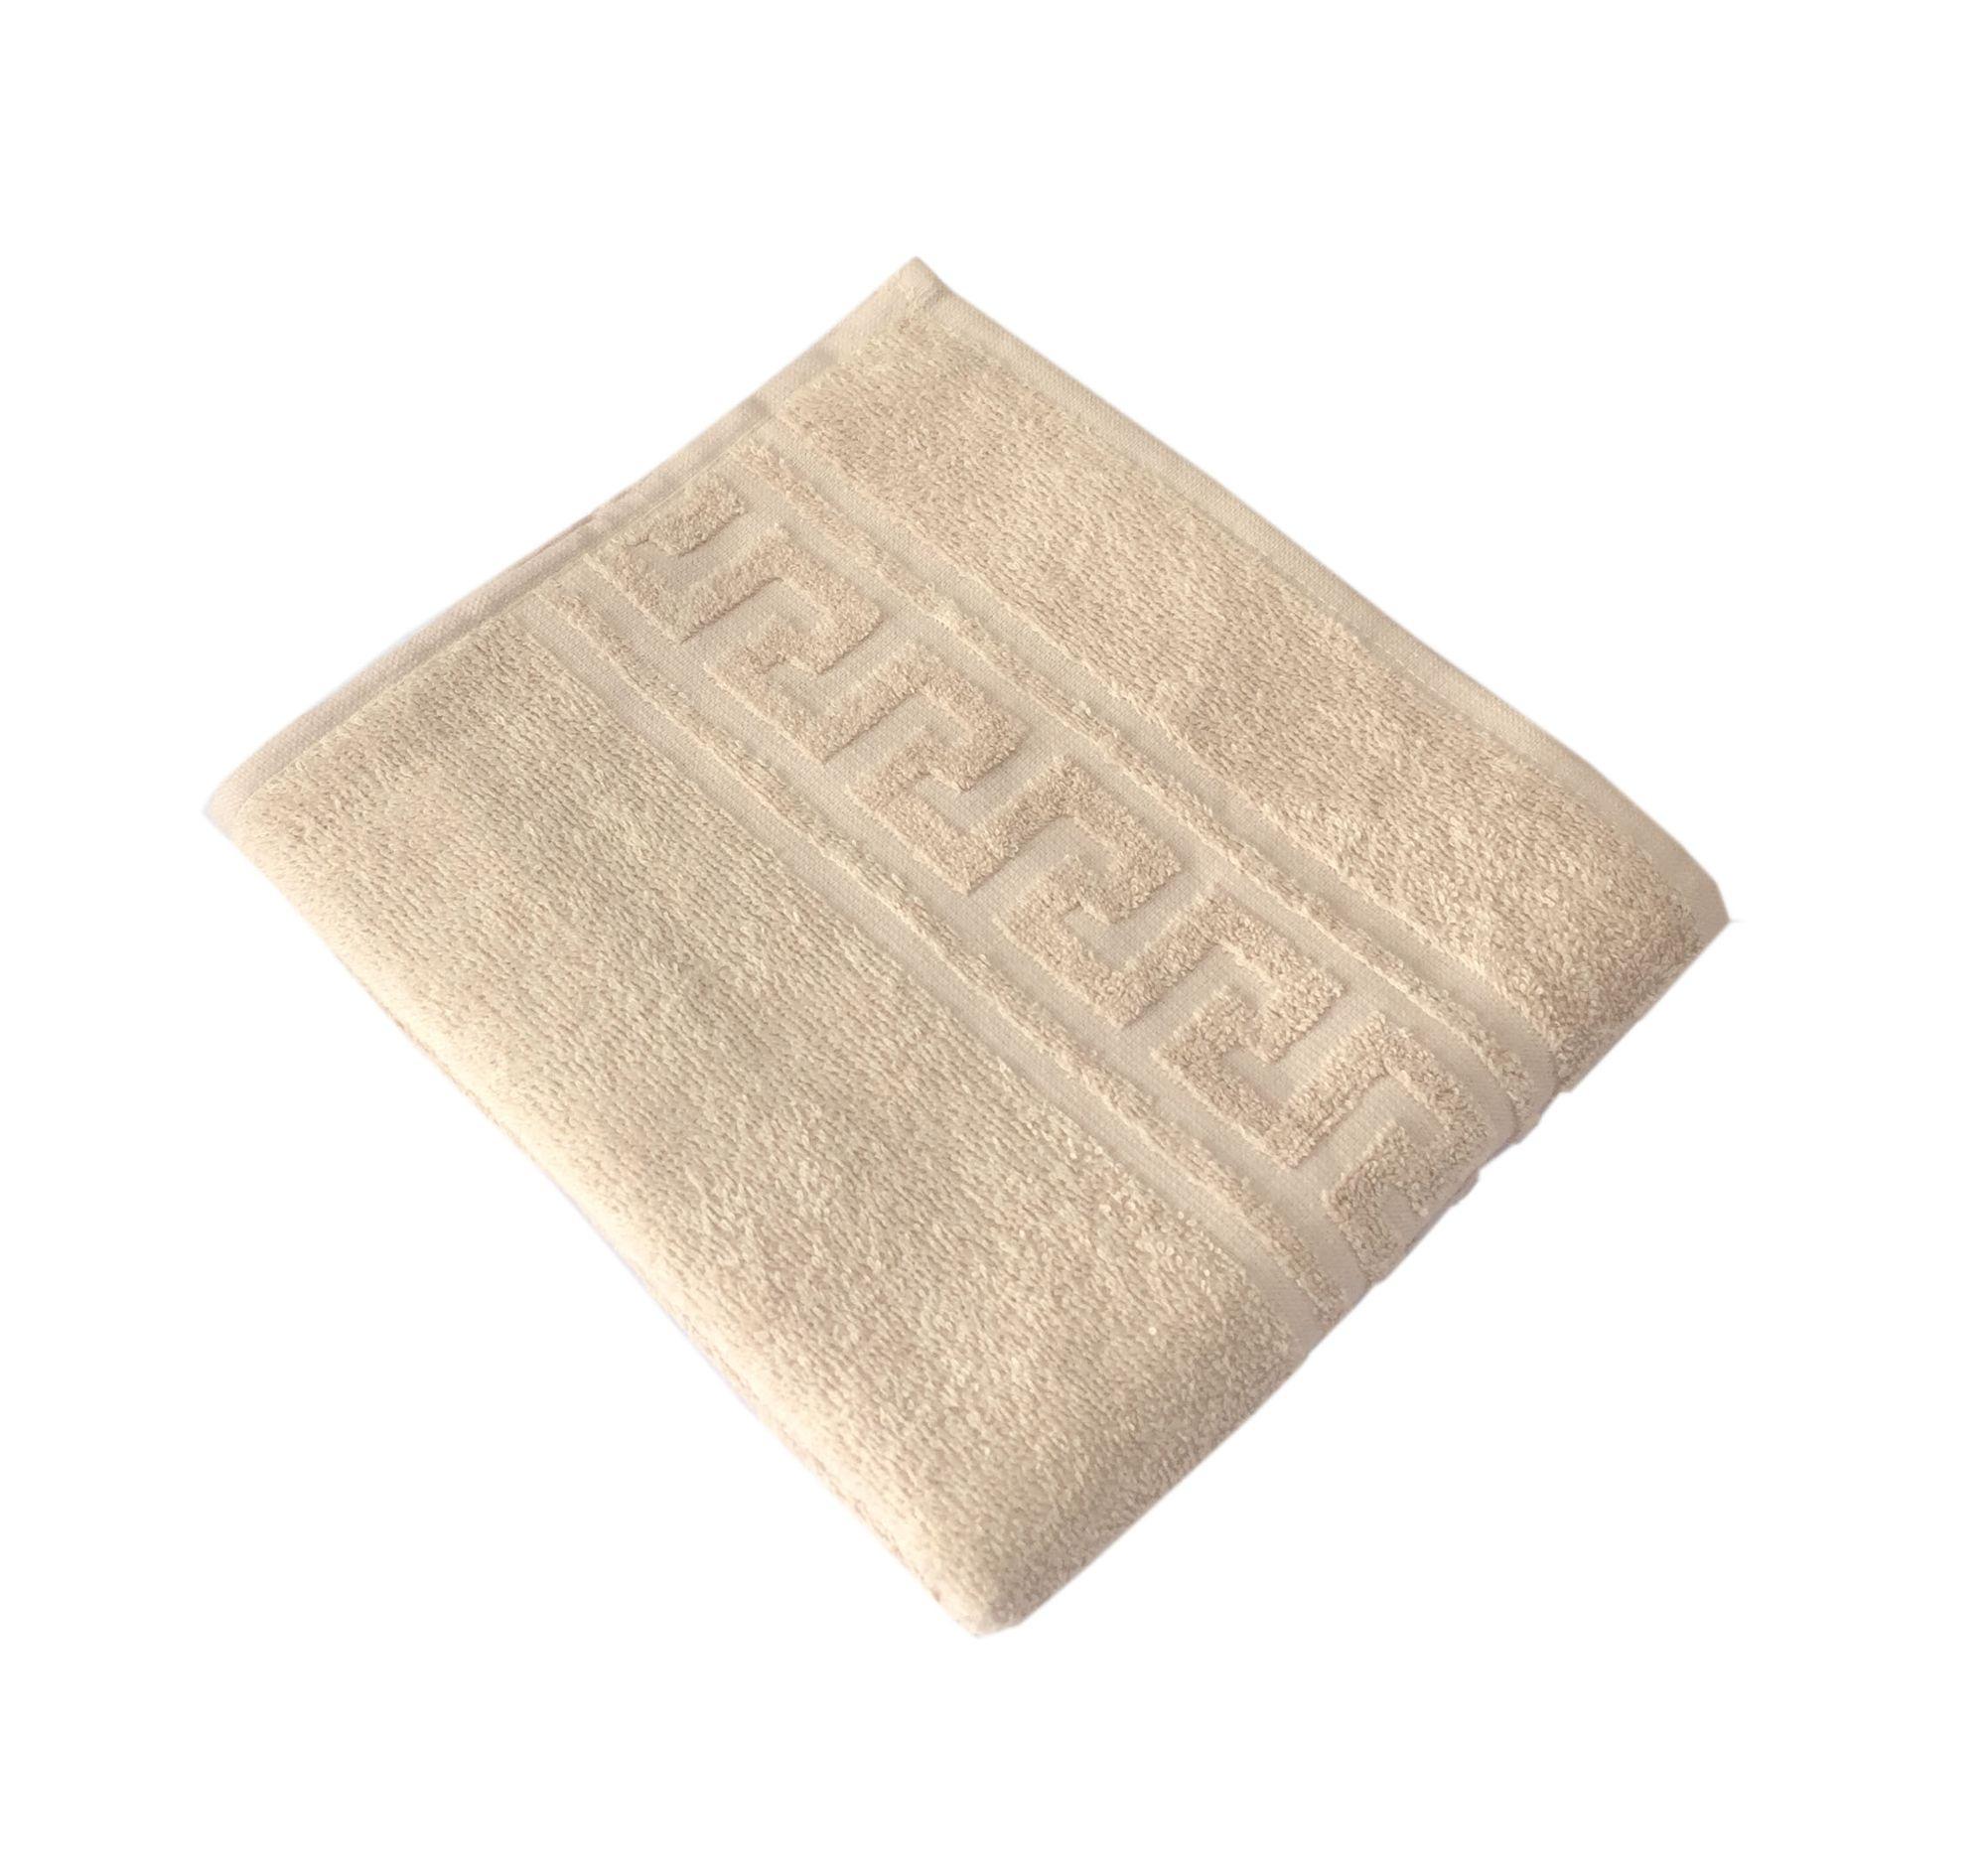 Махровое гладкокрашенное полотенце 40*70 см 380 г/м2 (Бежевый)